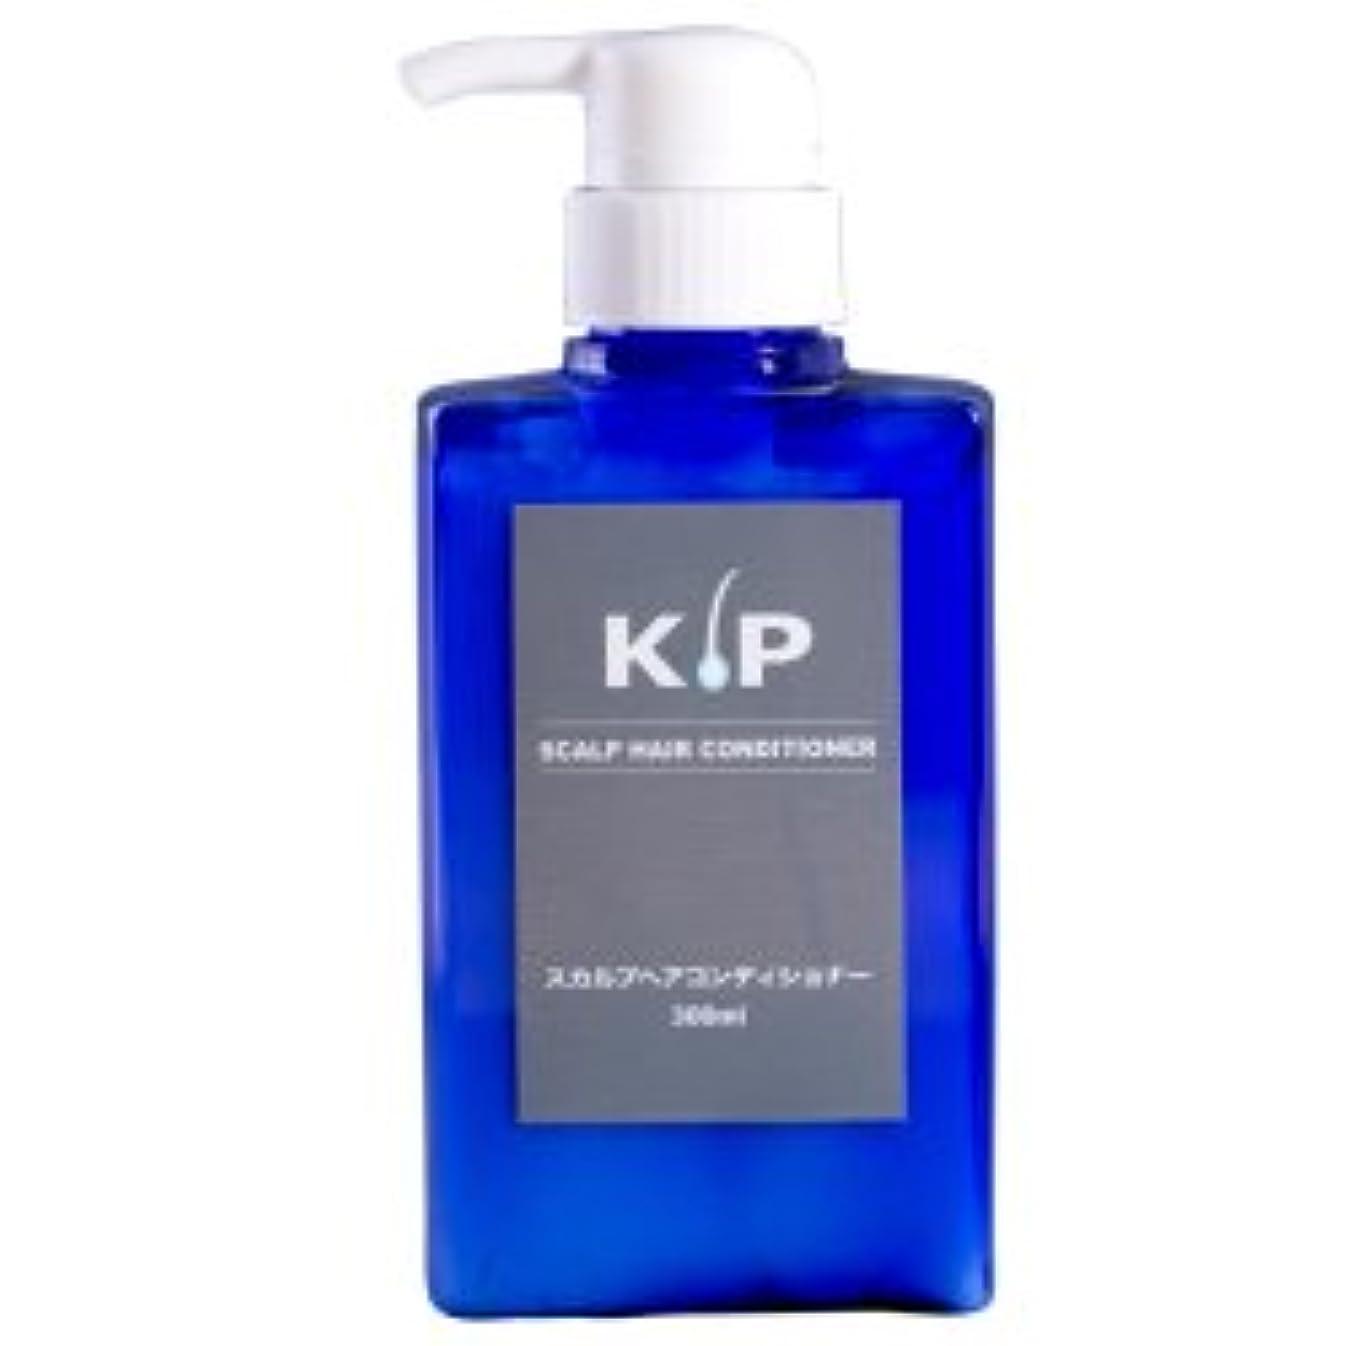 フェデレーション年齢熱心KIP スカルプヘア コンディショナー